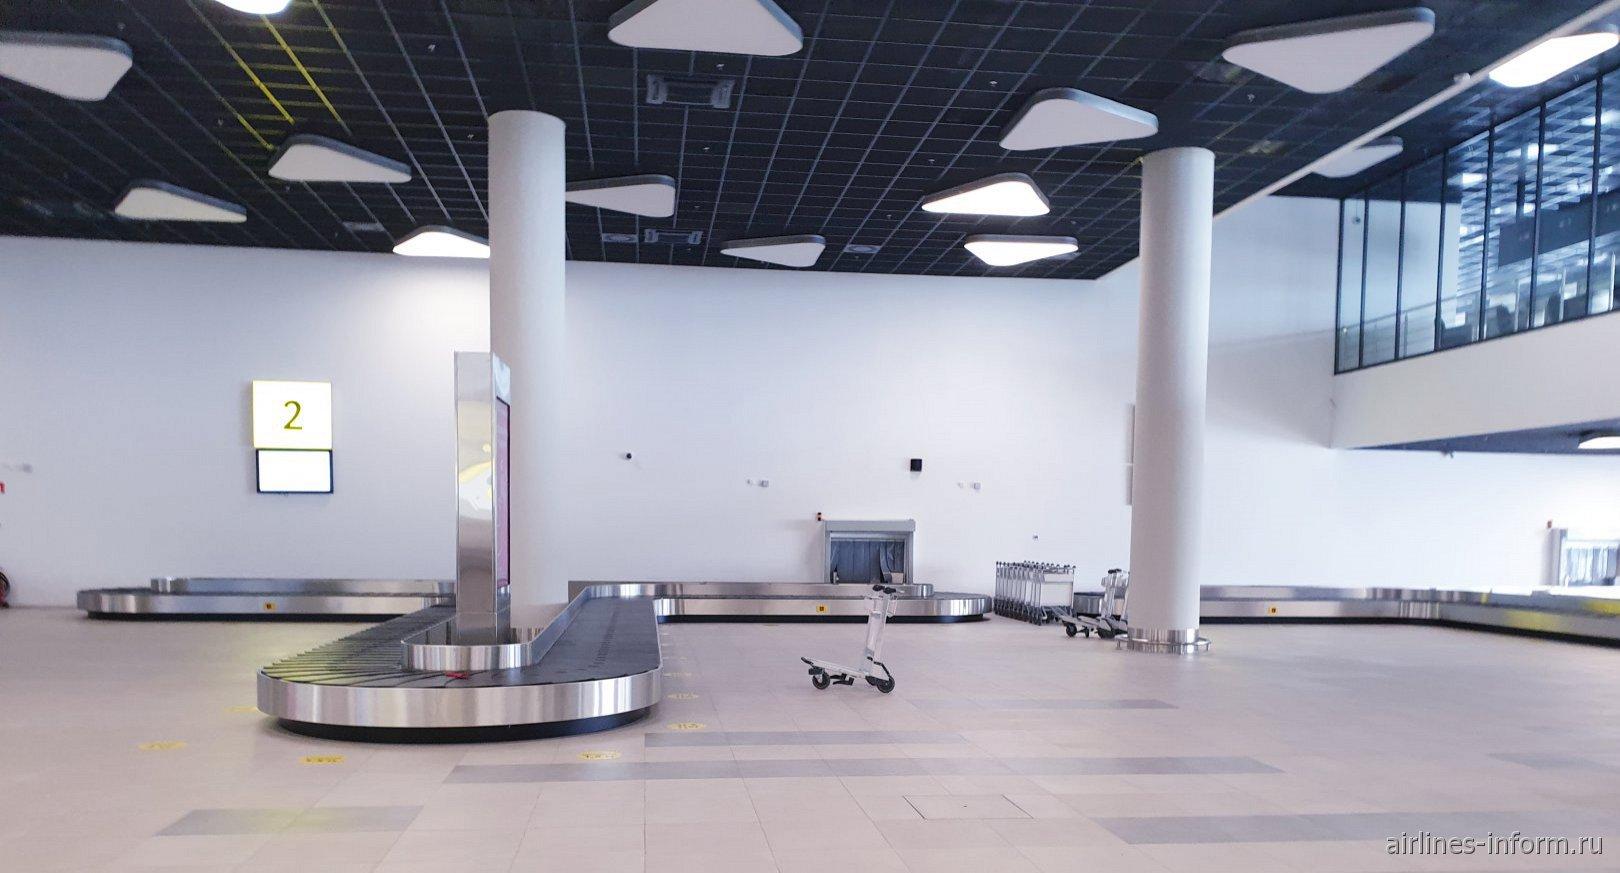 Зал выдачи багажа в новом терминале аэропорта Хабаровск